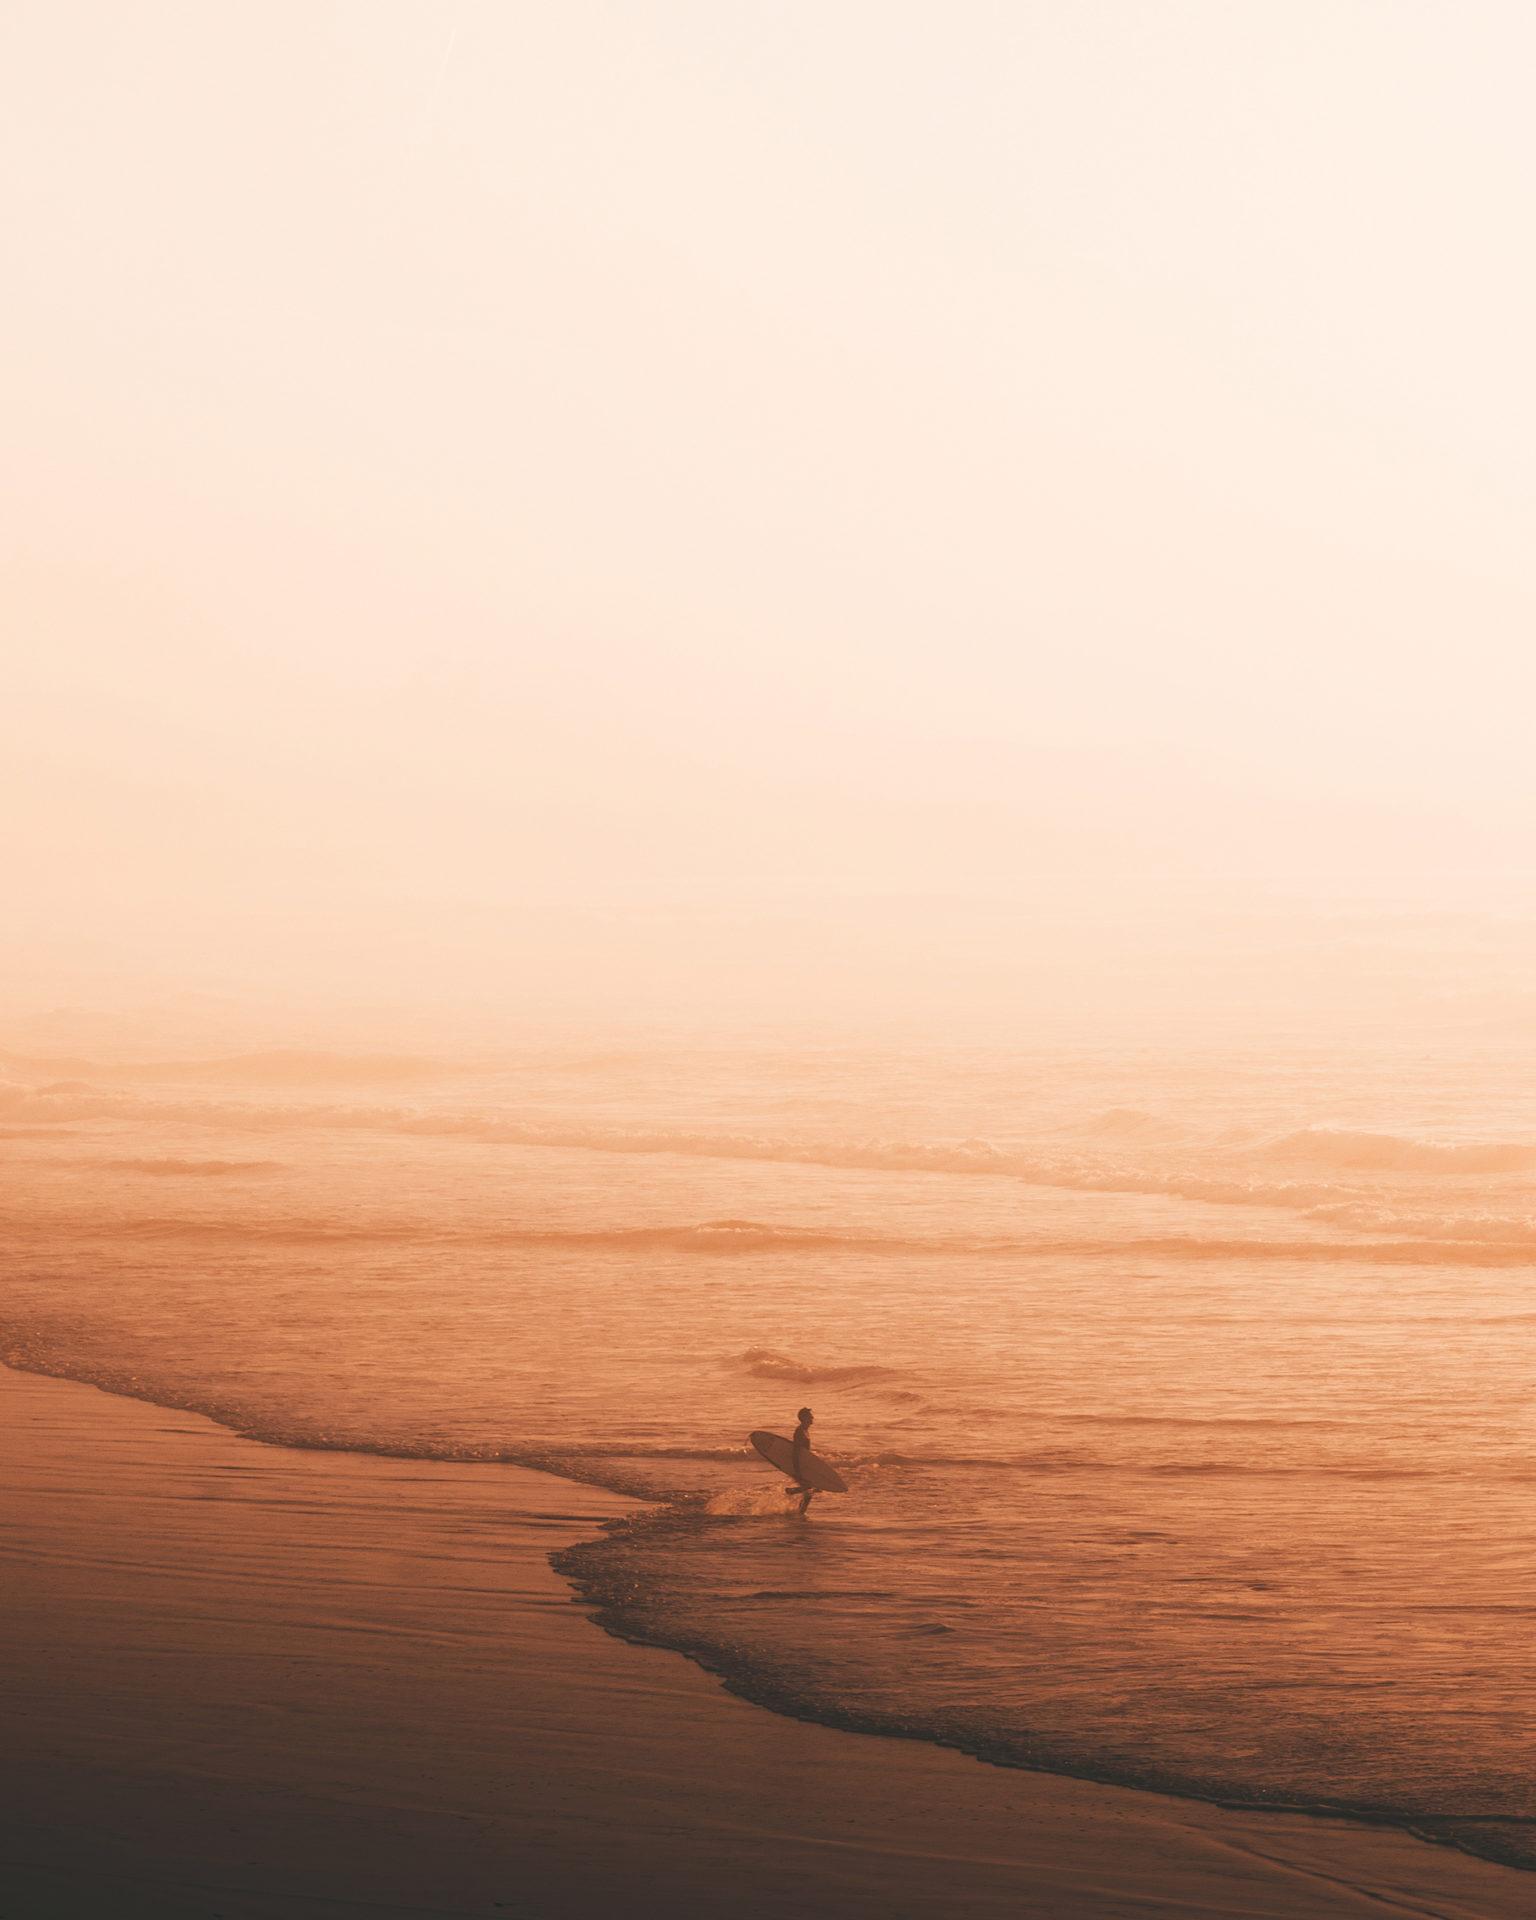 surfuer sur la plage au coucher du soleil